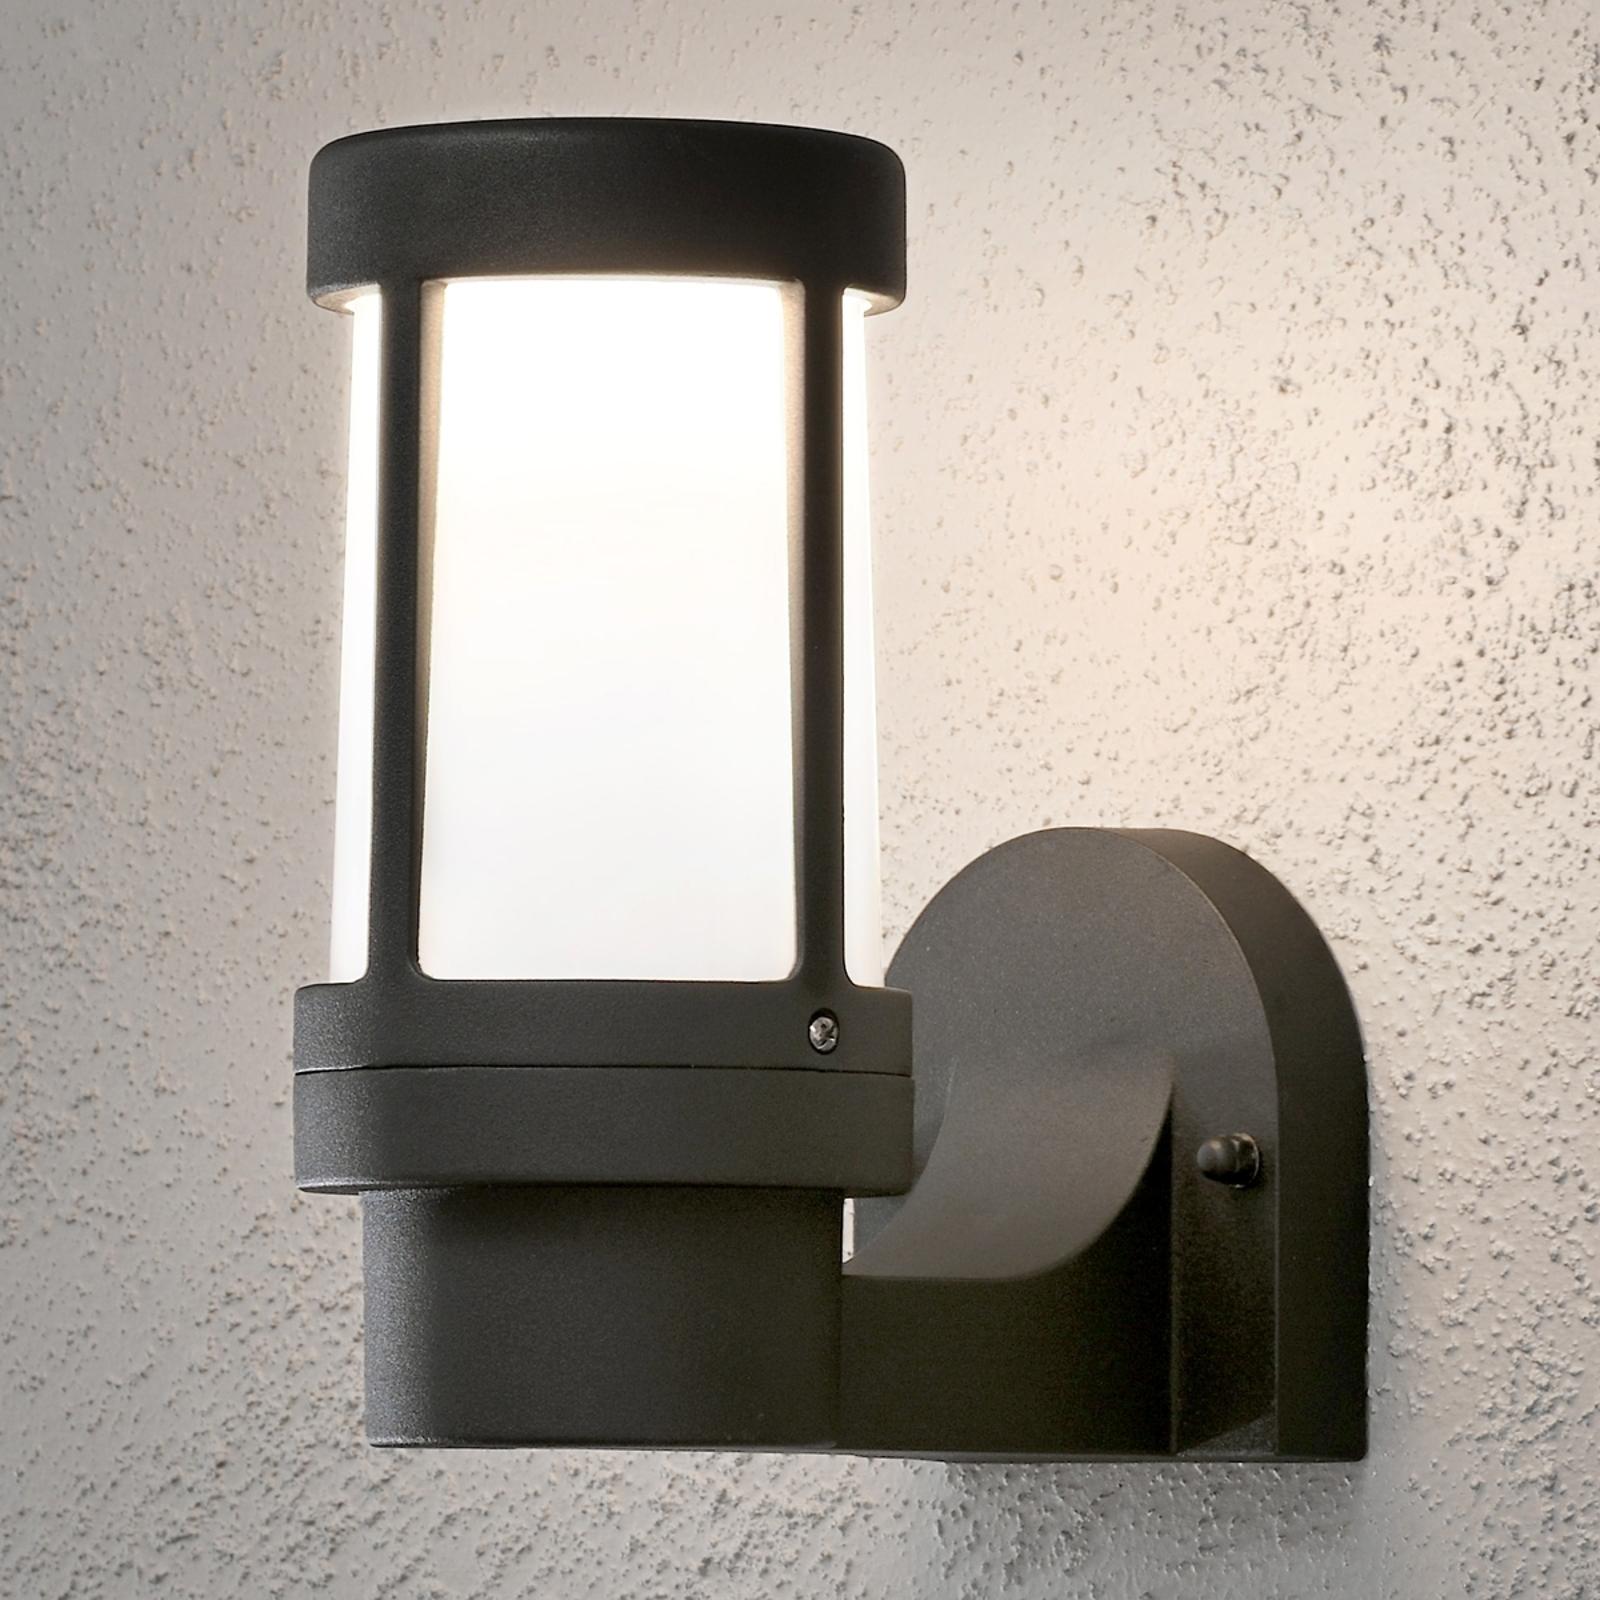 Modna zewnętrzna lampa ścienna Siena, czarna